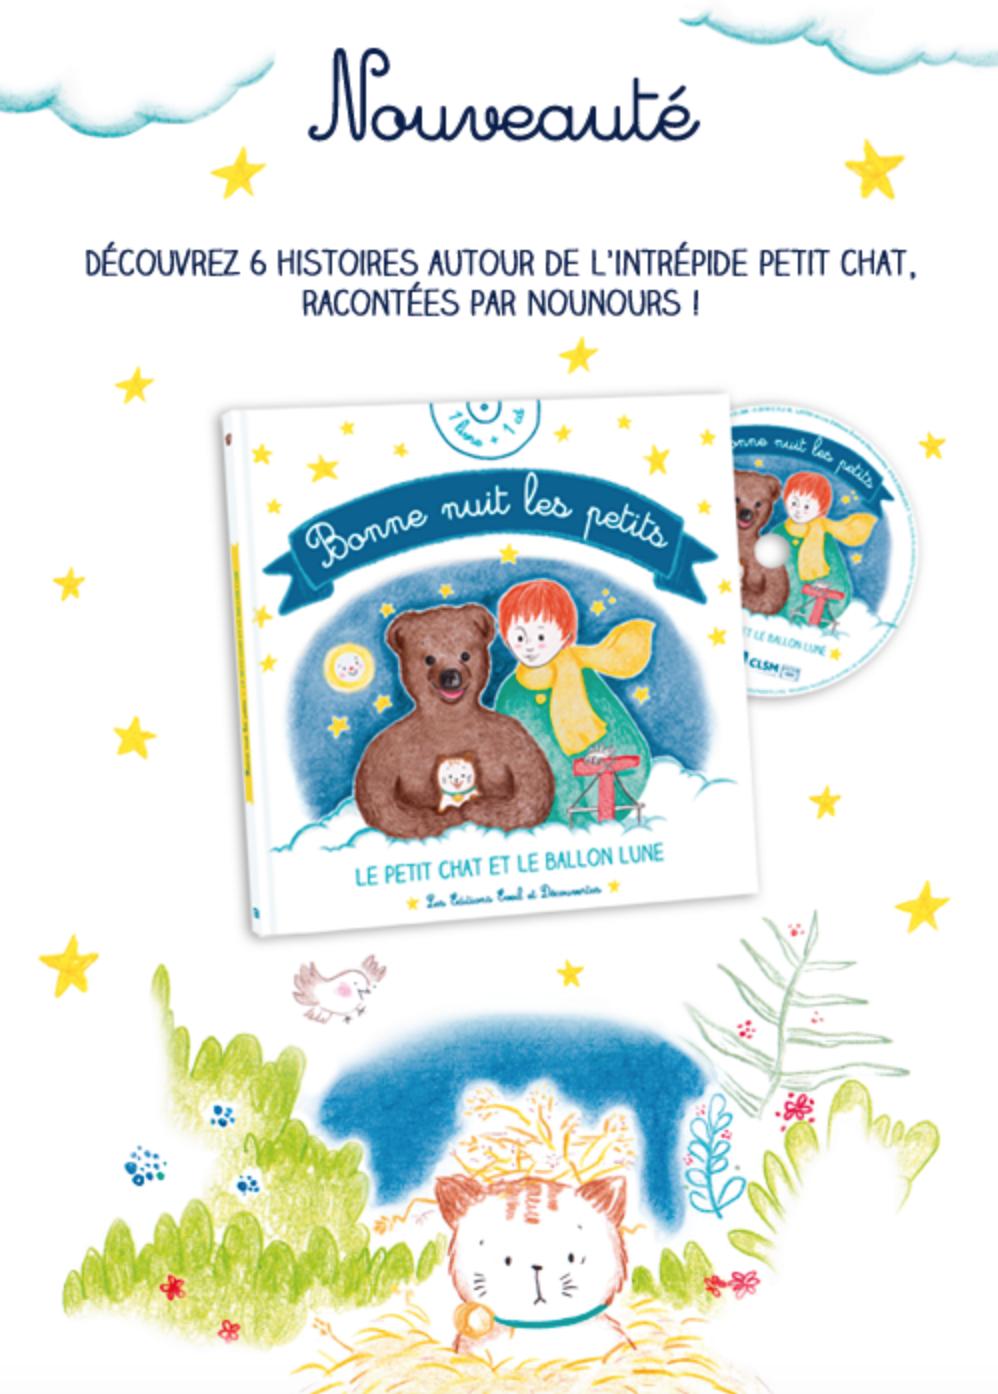 Un tout nouveau livre cd f vrier 2017 bonne nuit les petits site officiel - Nouveau livre thermomix 2017 ...